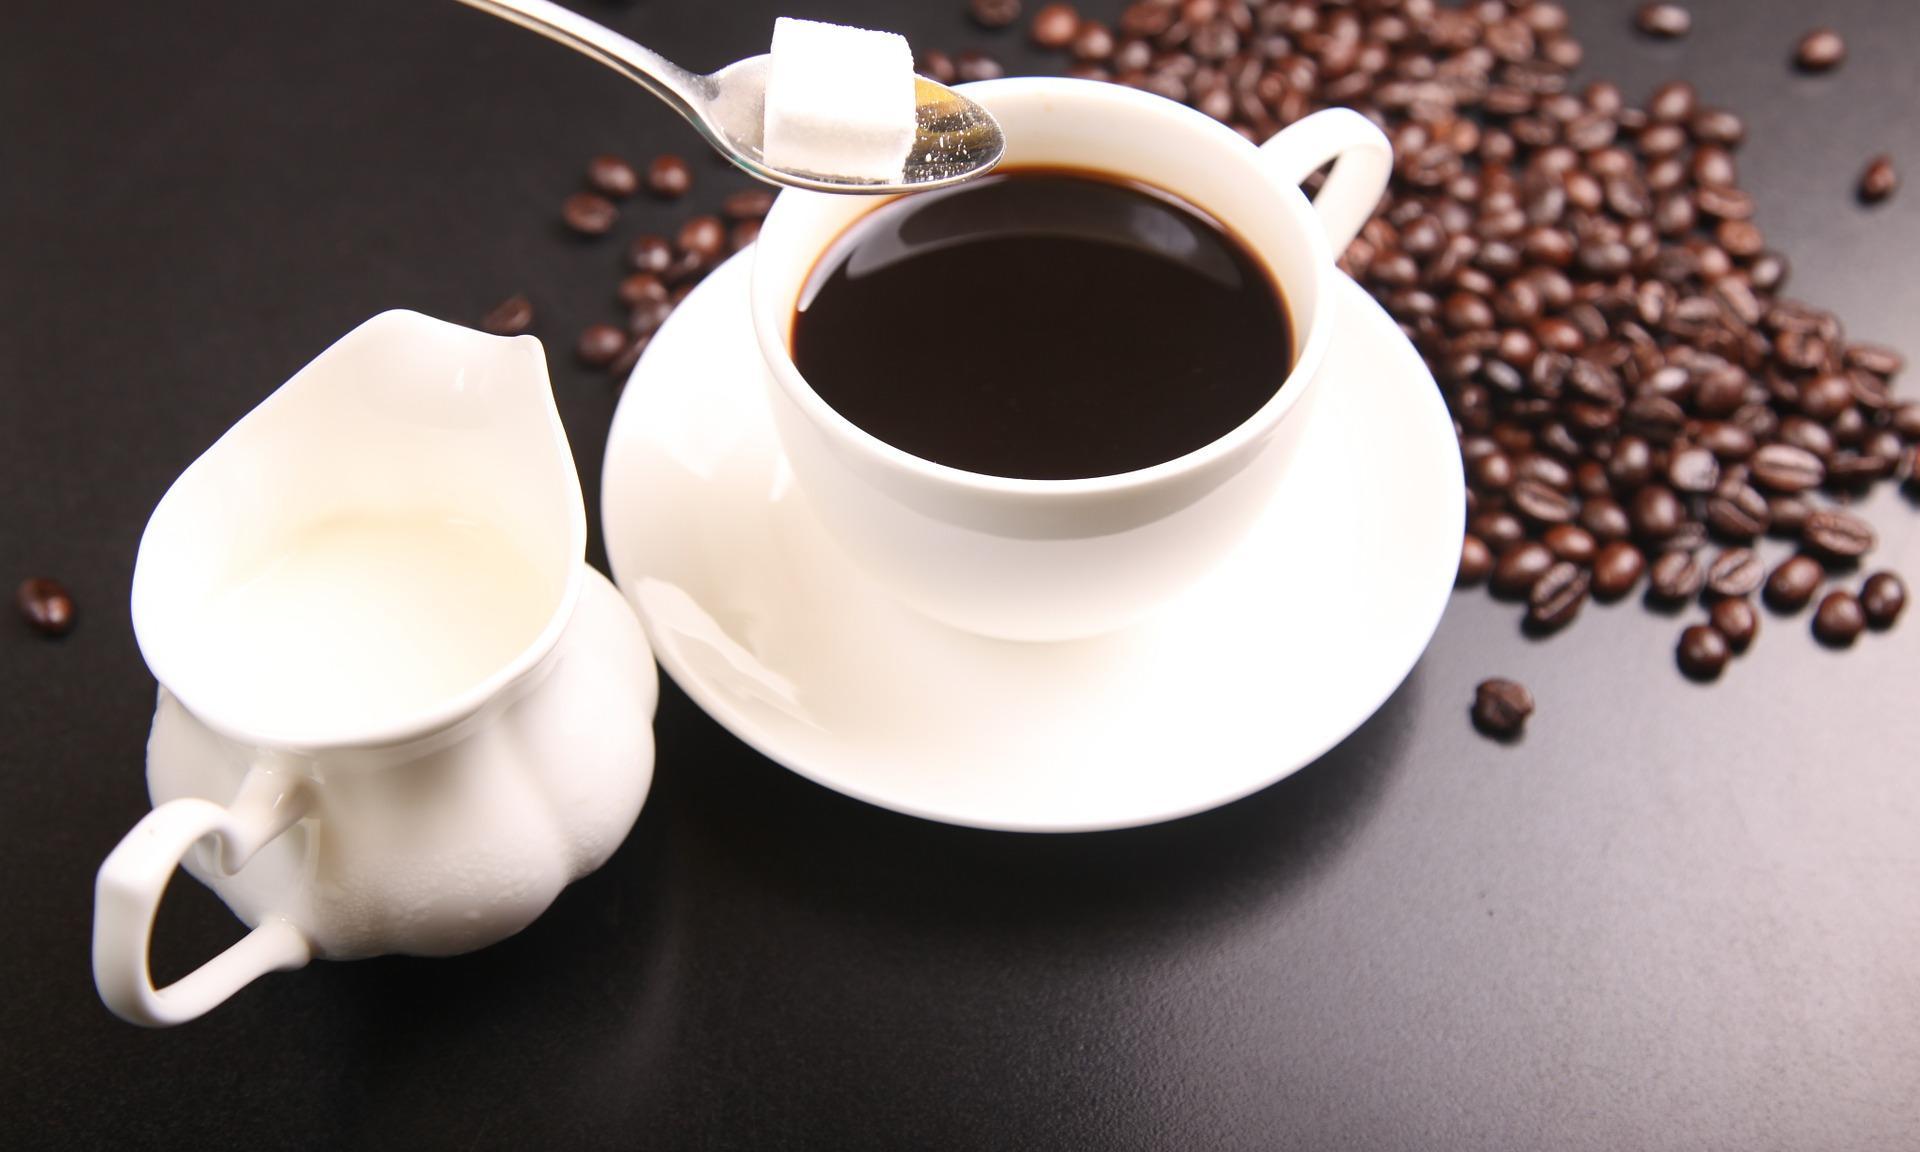 Kaffeehäuser und Cáfes in Wien